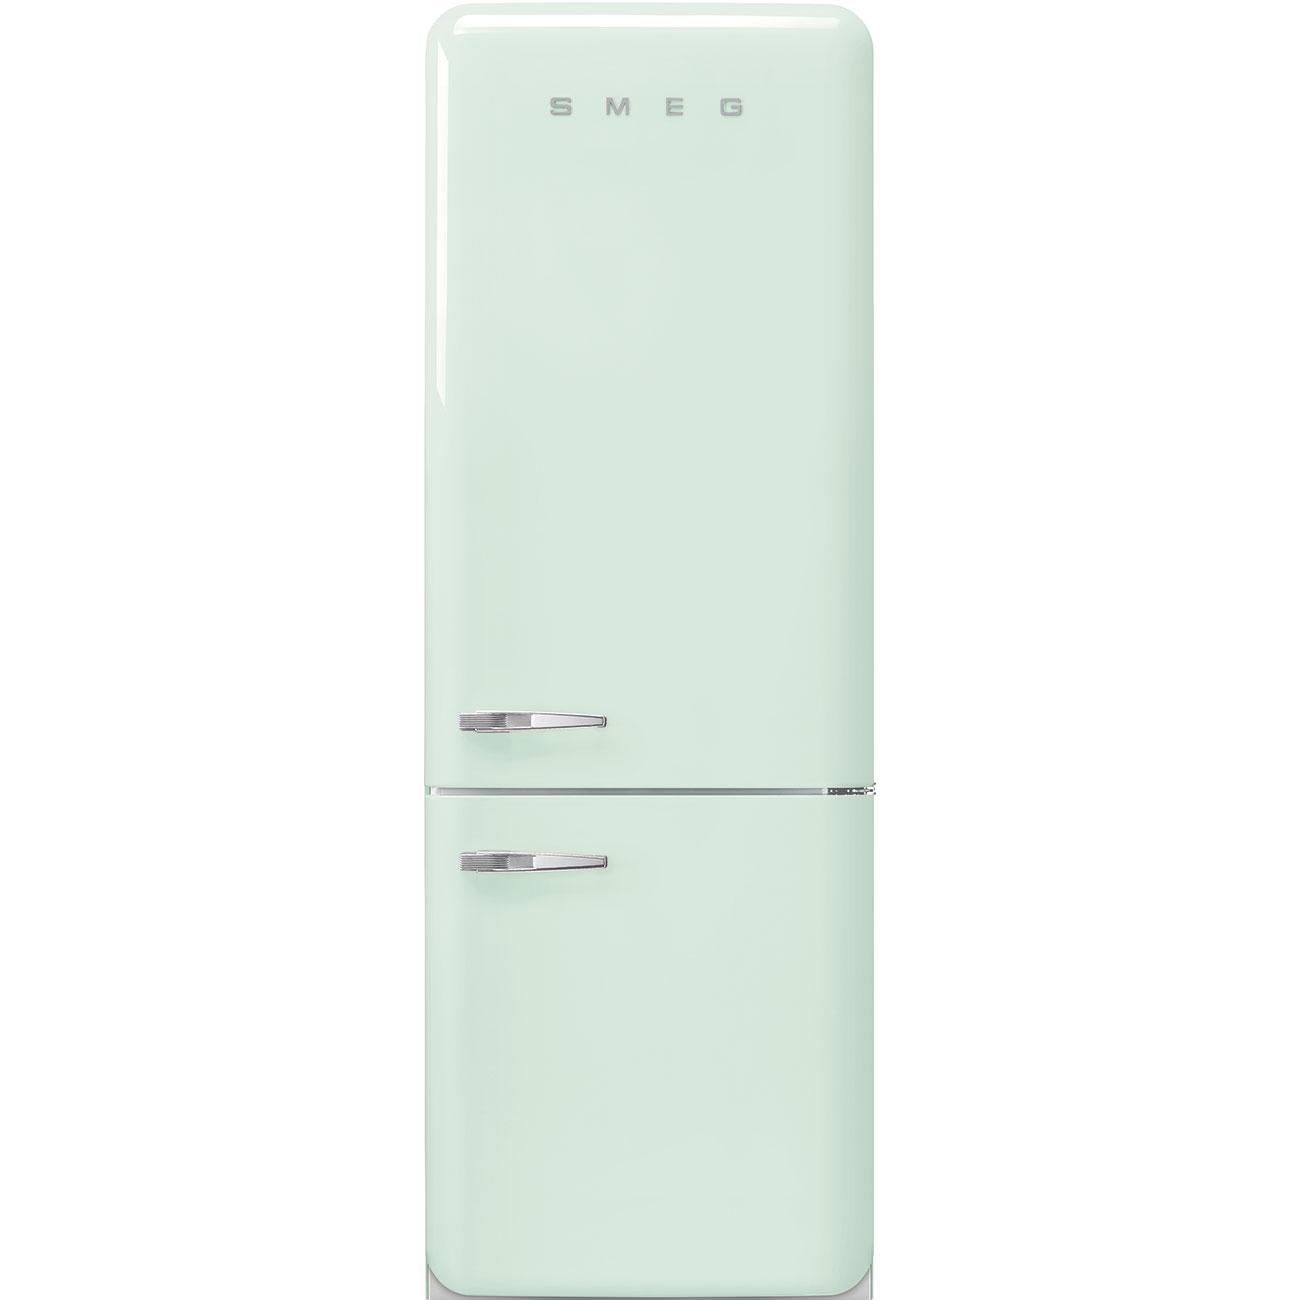 Frigorifero Americano Anni 50 smeg fab38rpg - frigorifero combinato smeg anni '50, verde pastello  ,larghezza 70 cm , 461 litri, cerniere a destra , a++ , total no frost